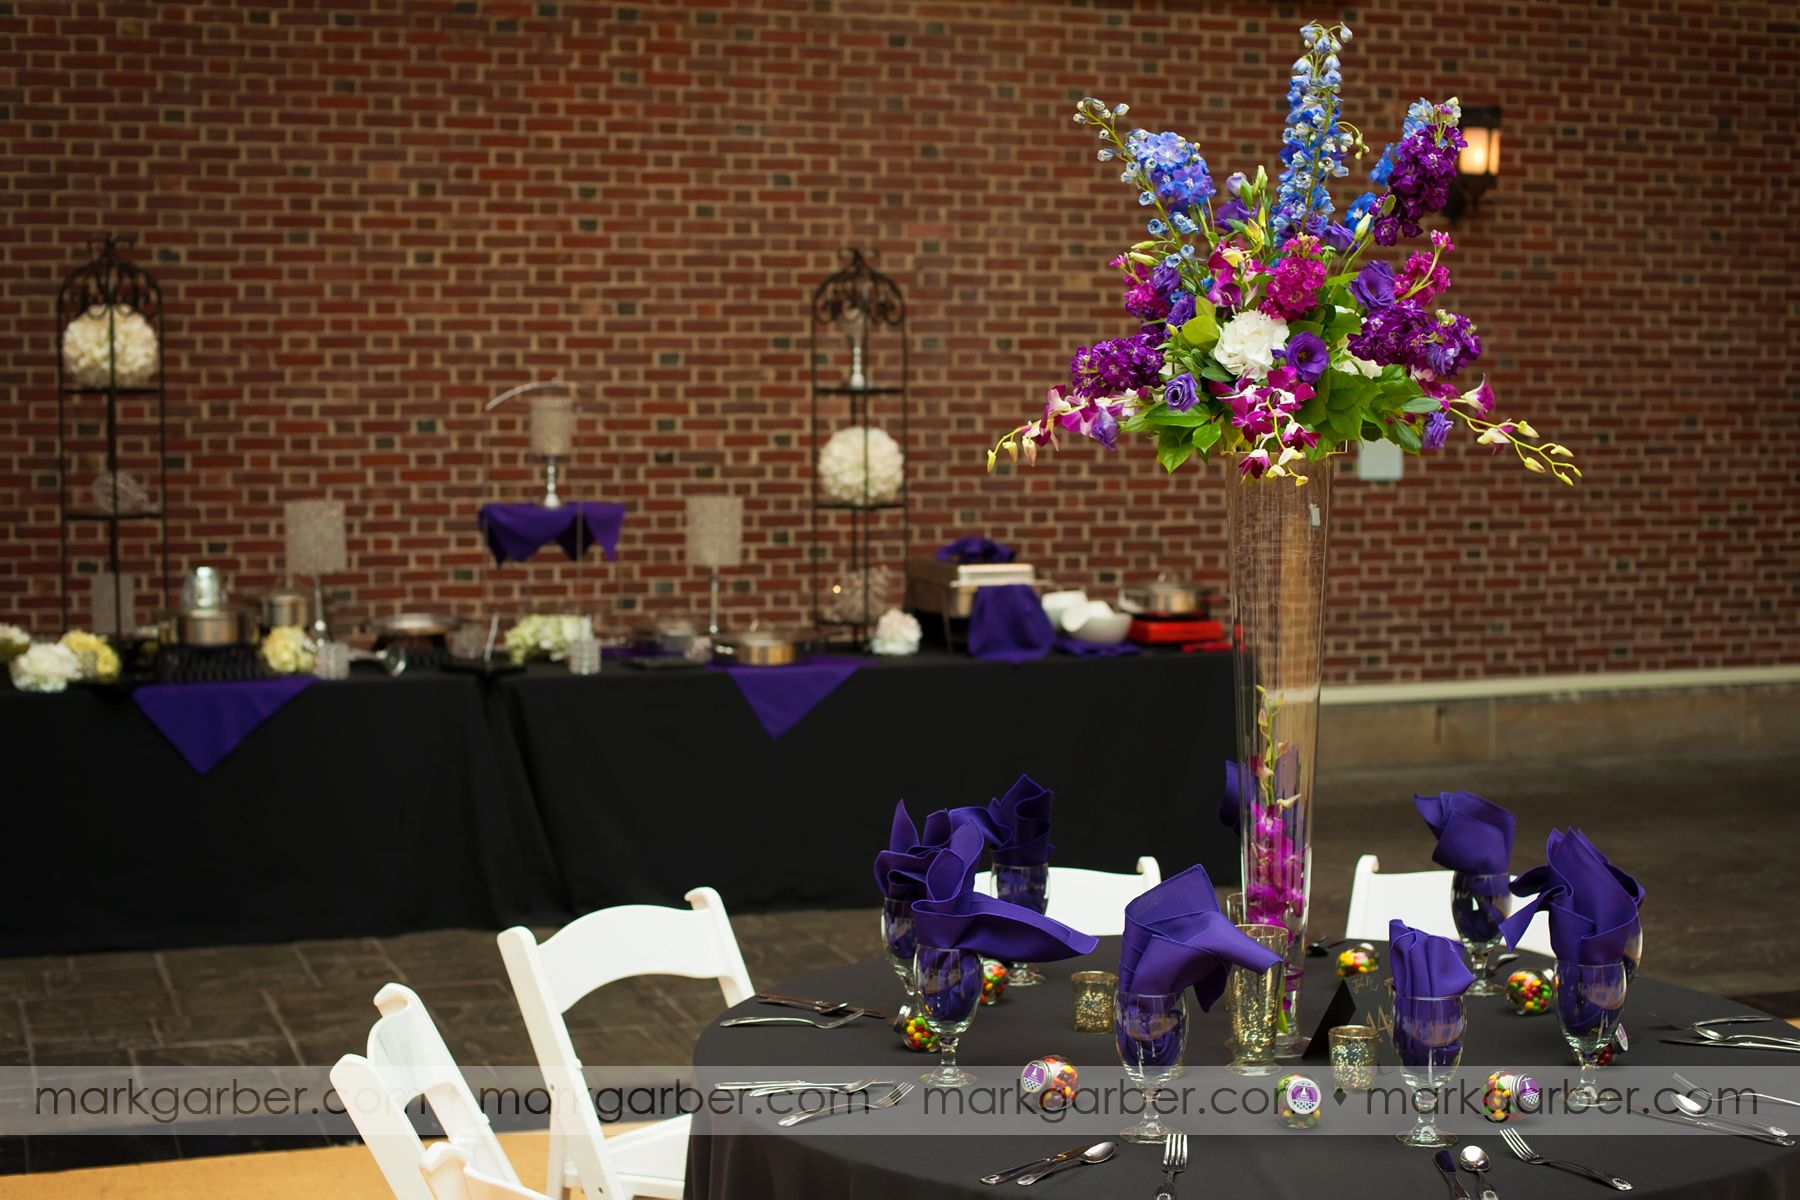 Dayton Art Institute Dayton Purple Black Weddings Events Buffet Primetimepr Markgarberphotography Party Rentals Wedding Rentals Dayton